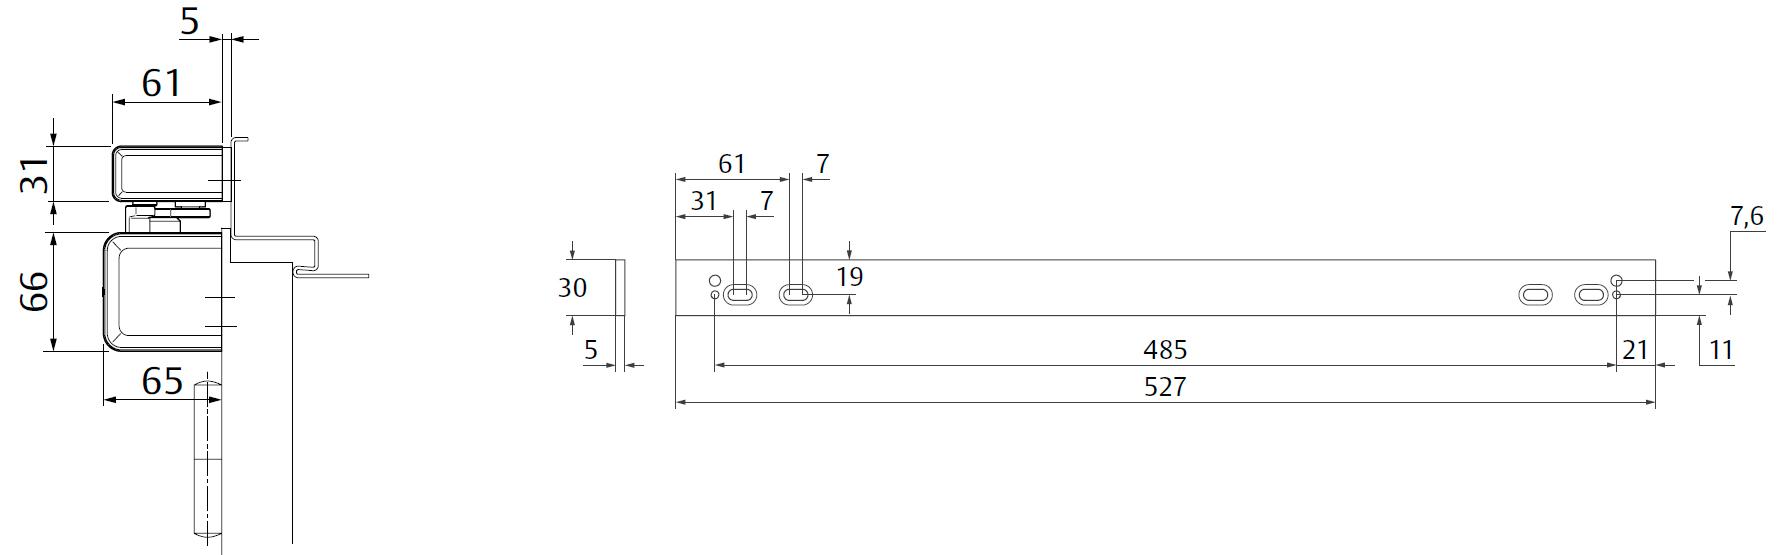 Крепежная пластина A250 / 5 мм Для монтажа скользящей тяги к дверям с притвором. Комбинация с A230, A240, A260